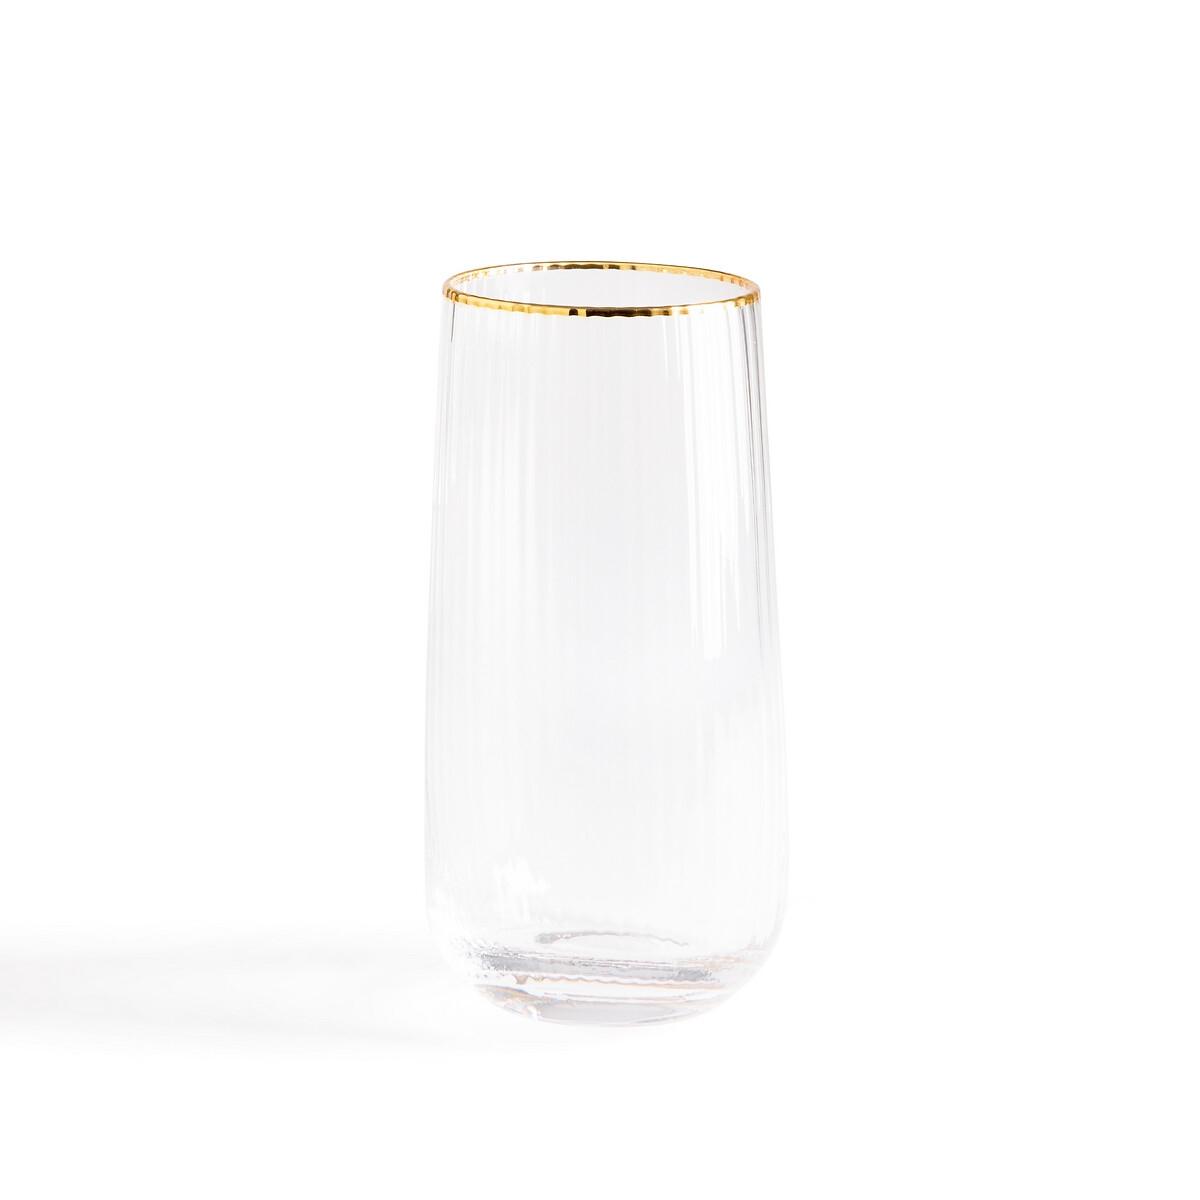 Набор LaRedoute Из 4 граненных стаканов для воды Lurik единый размер другие набор laredoute из 6 стаканов troquet единый размер другие